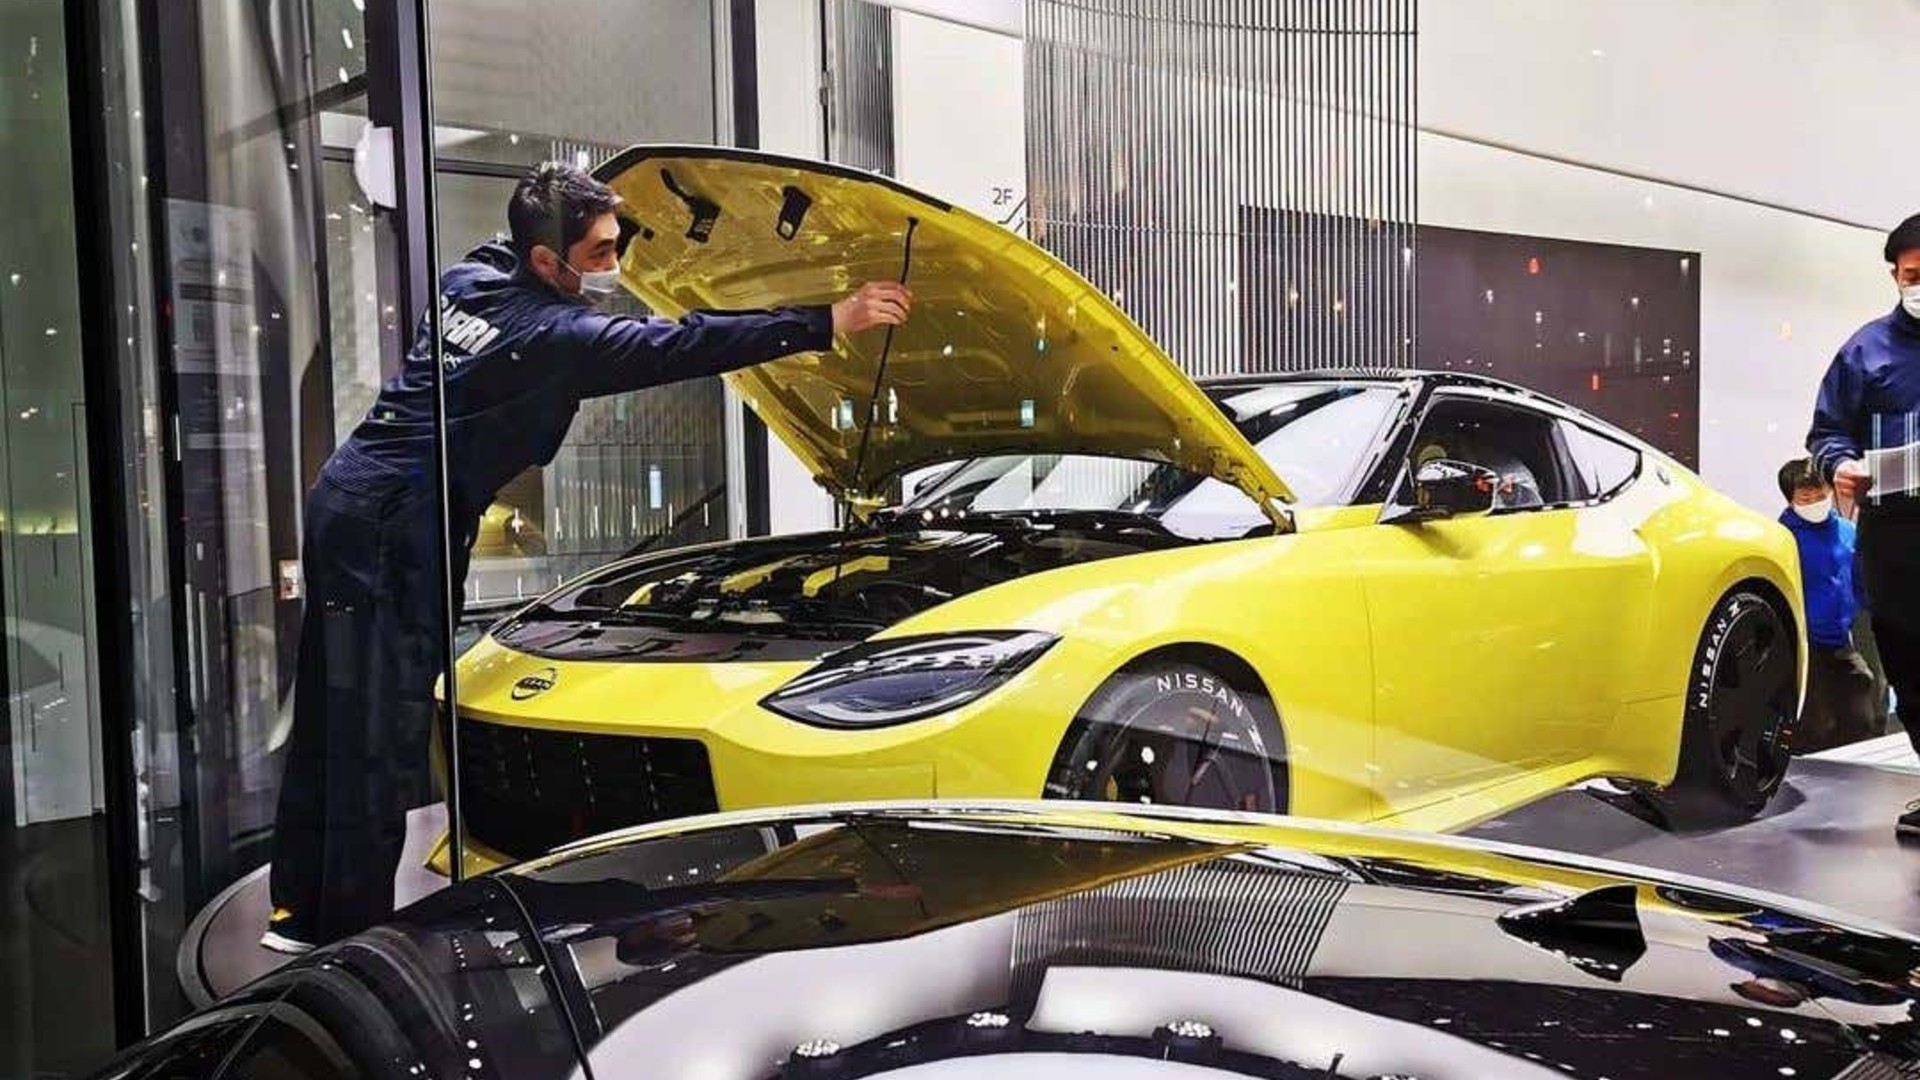 Τι κρύβεται κάτω από το καπό του Nissan Z;